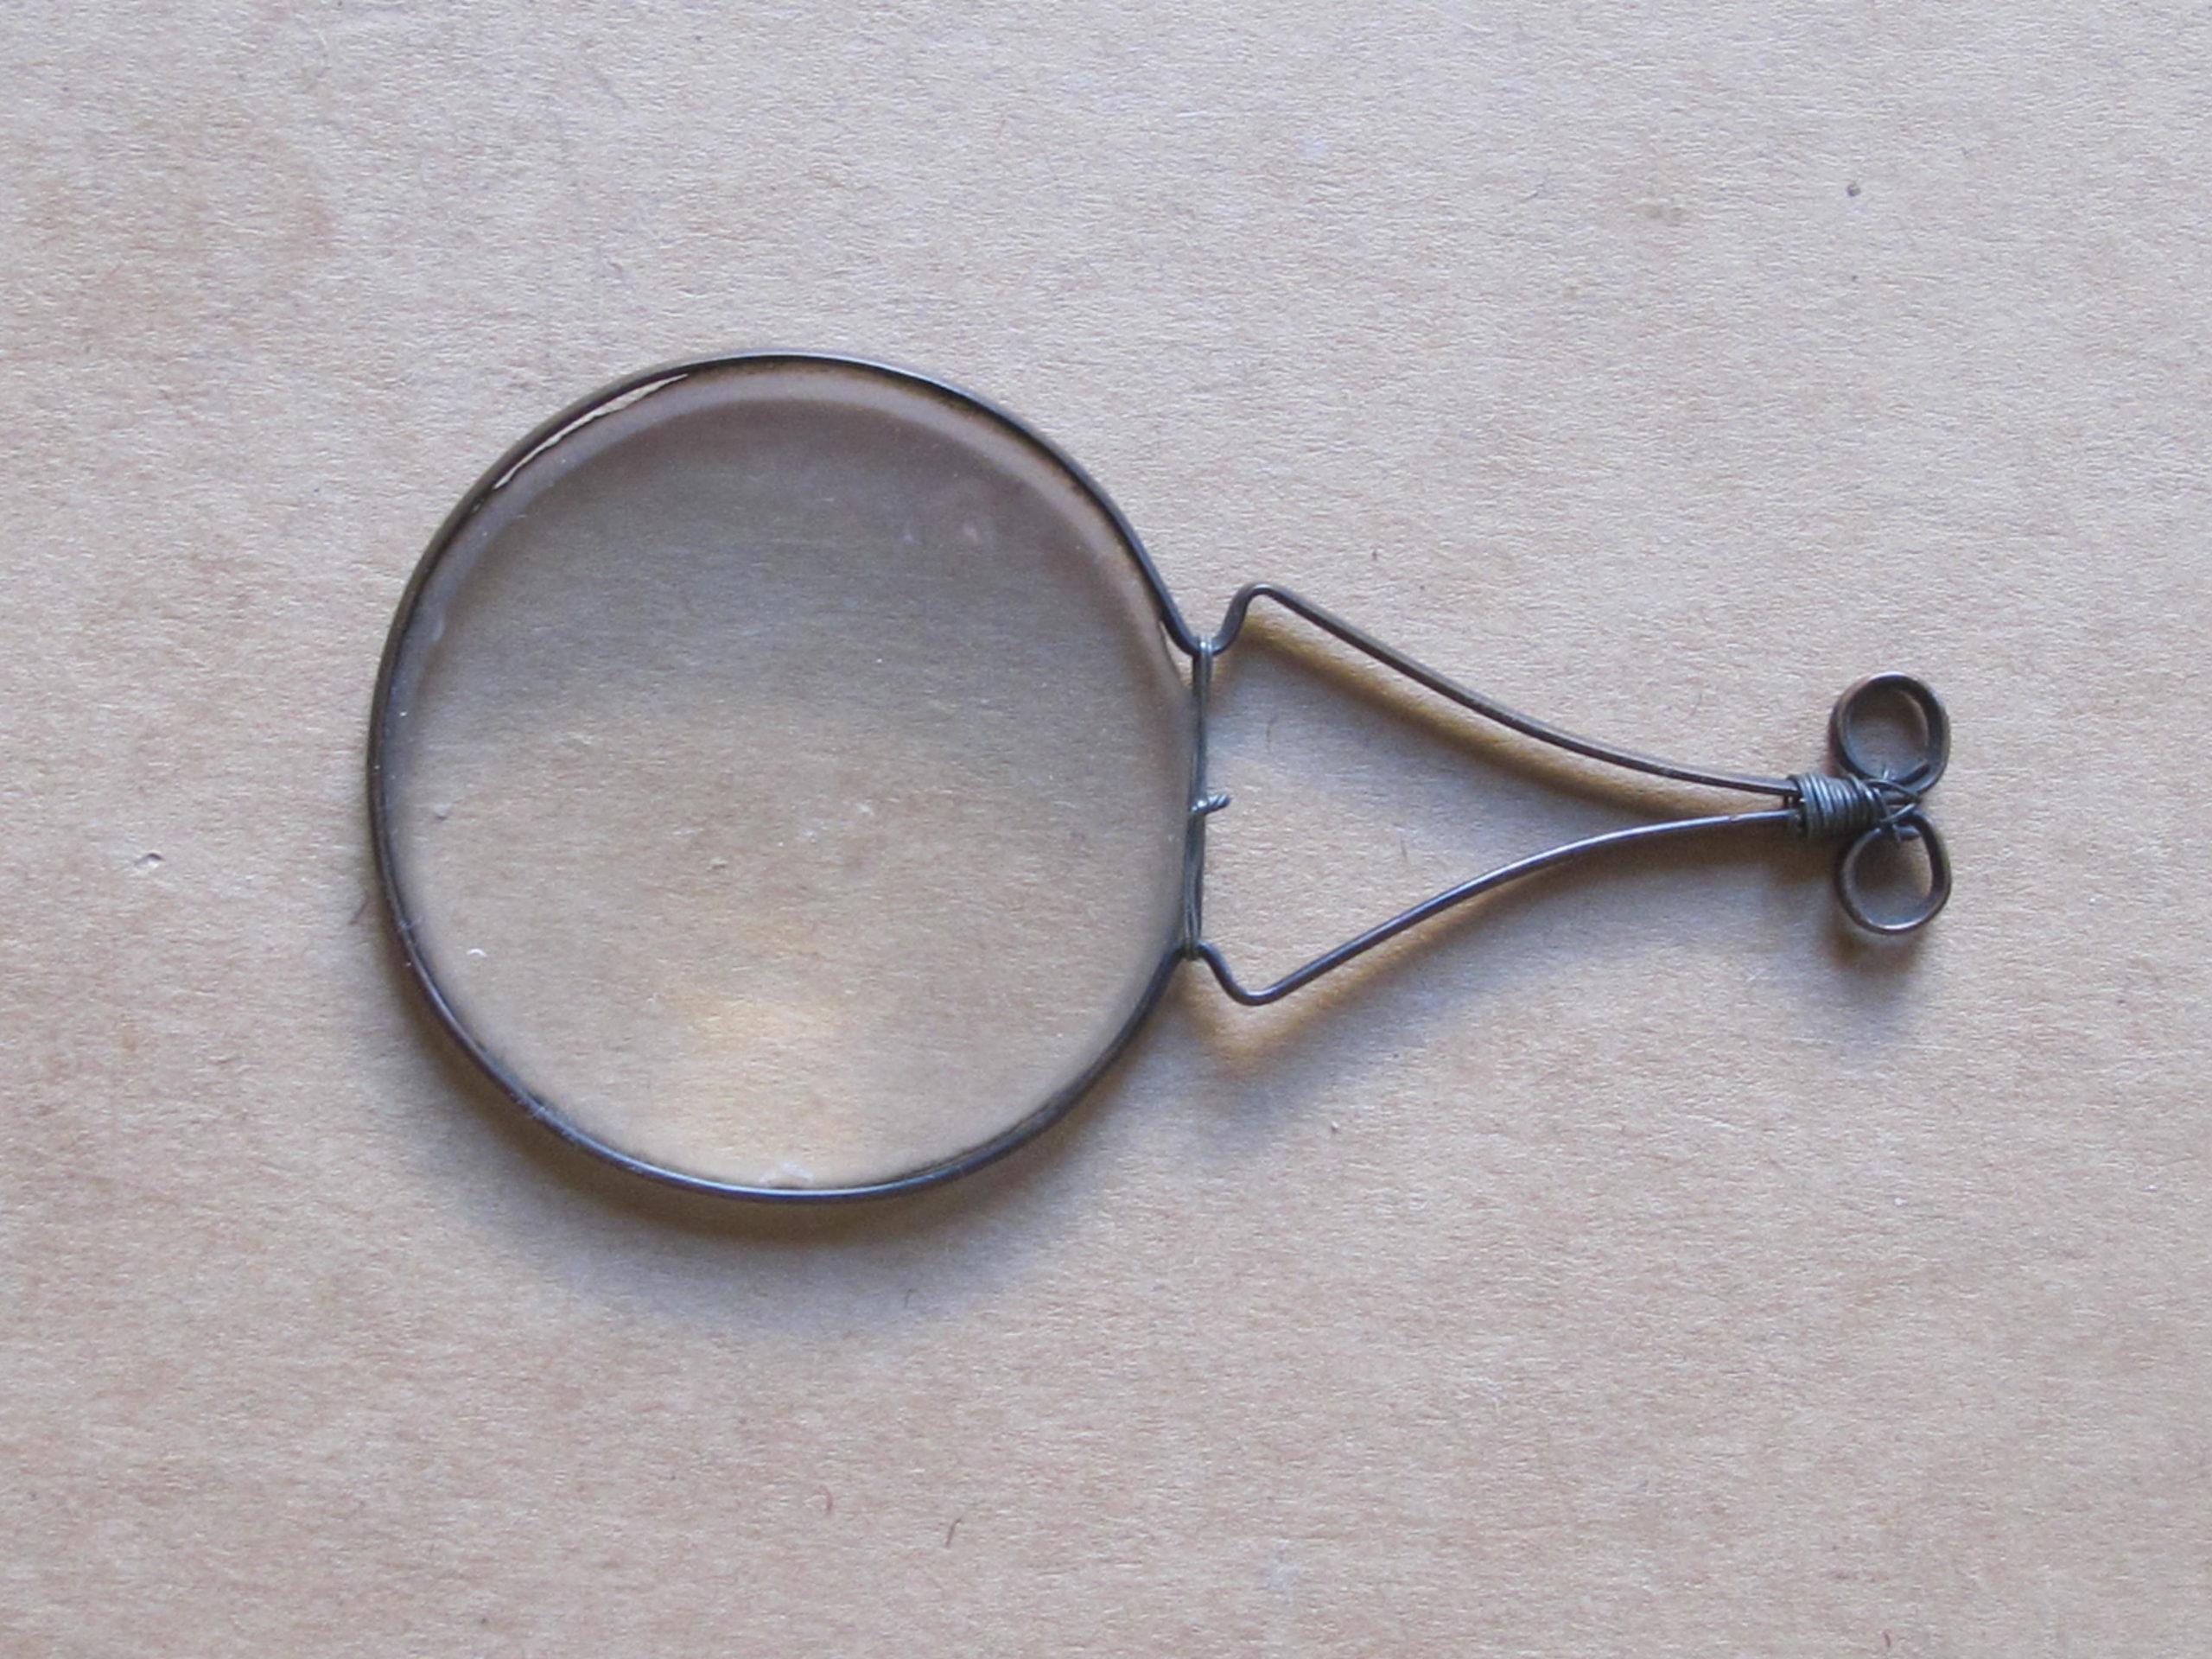 Small Nurmberg Lens